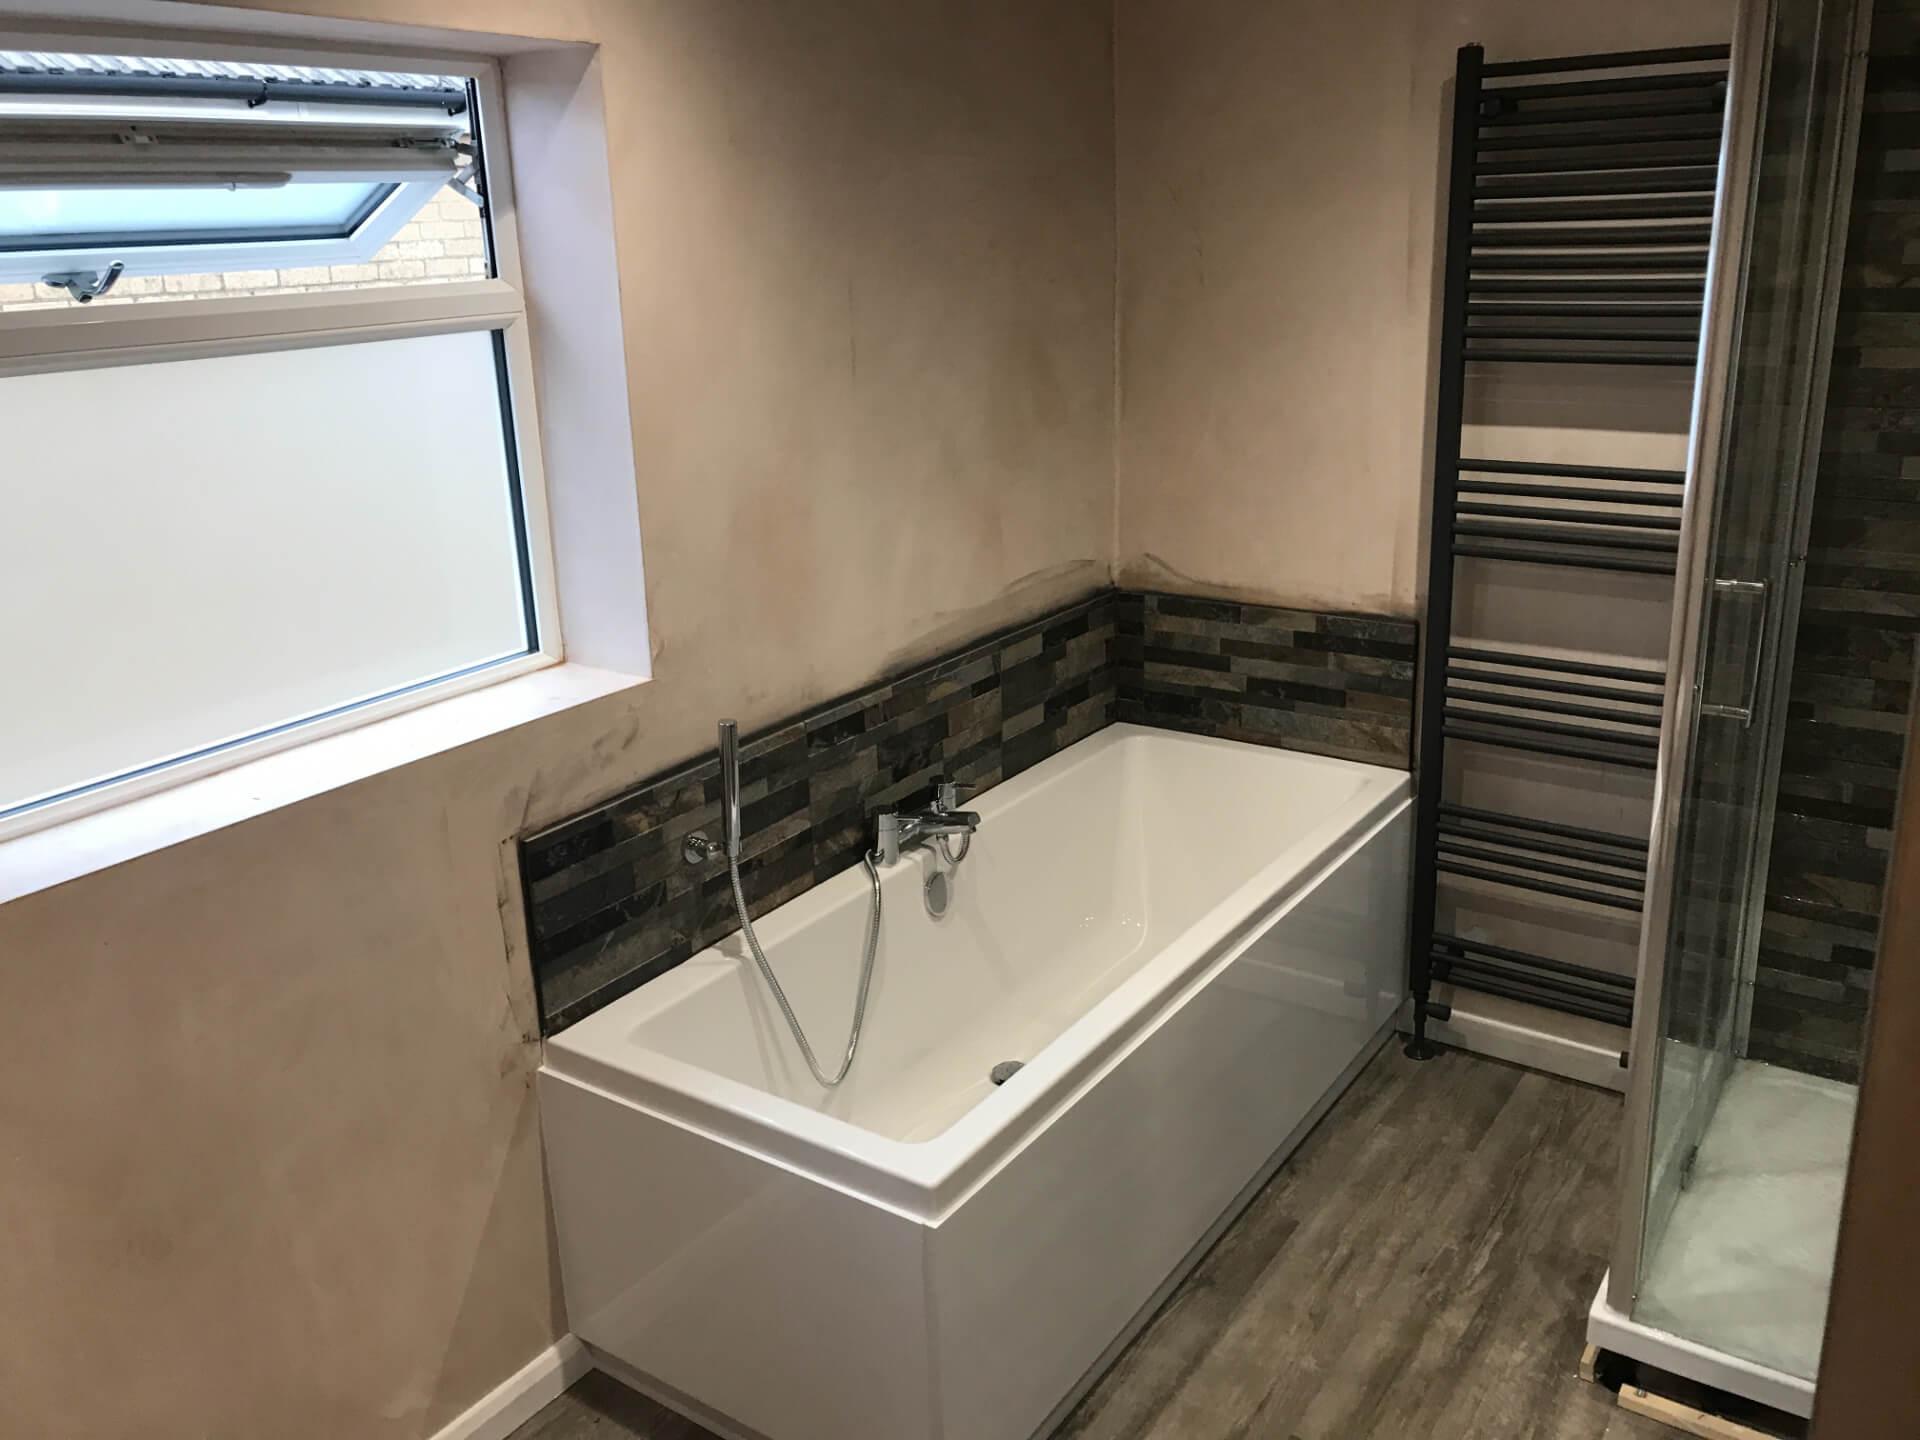 New White Bathtub